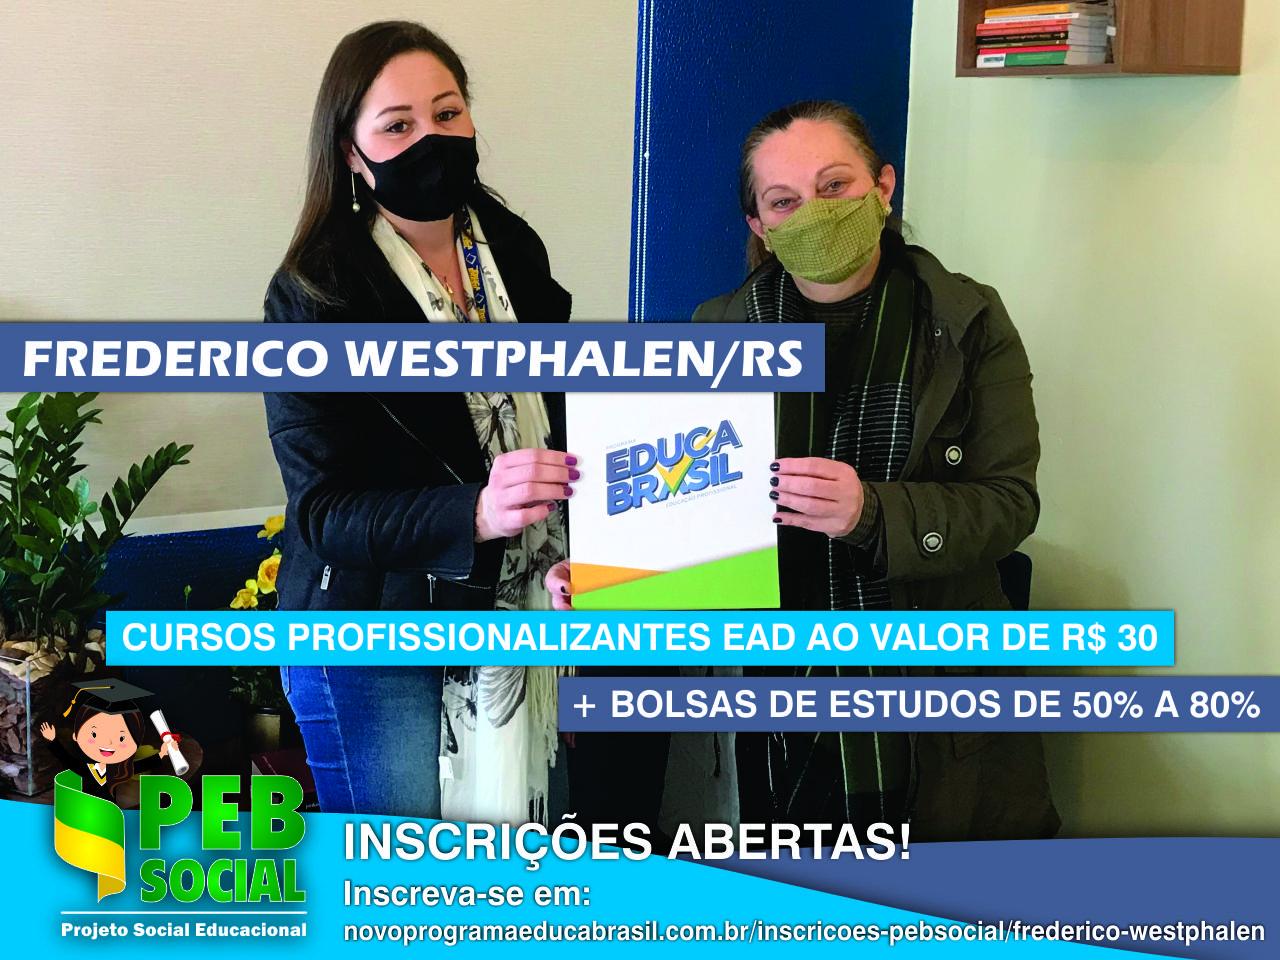 Qualificação Profissional EaD 2021 | PEB Social | Frederico Westphalen/RS